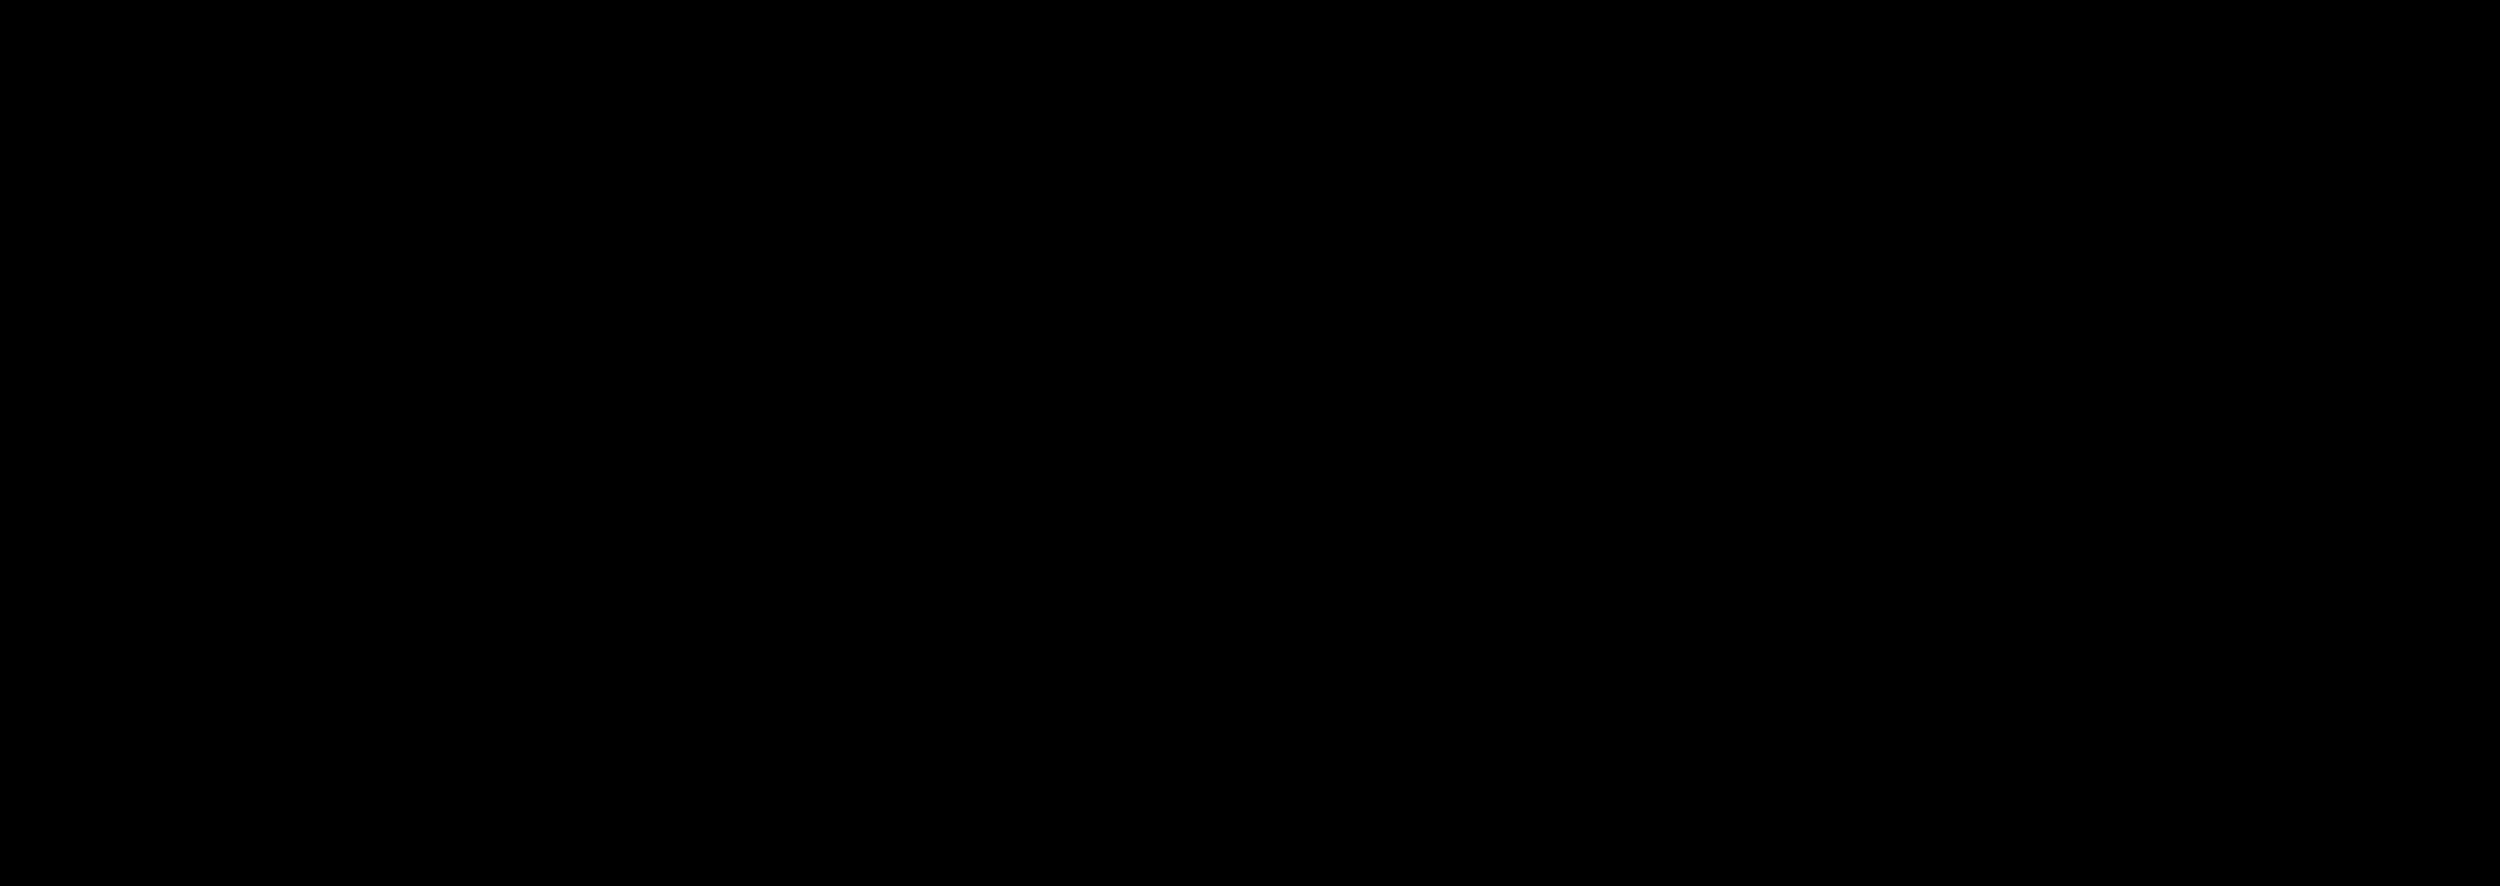 logo-intuasturias-bloggever-02.png